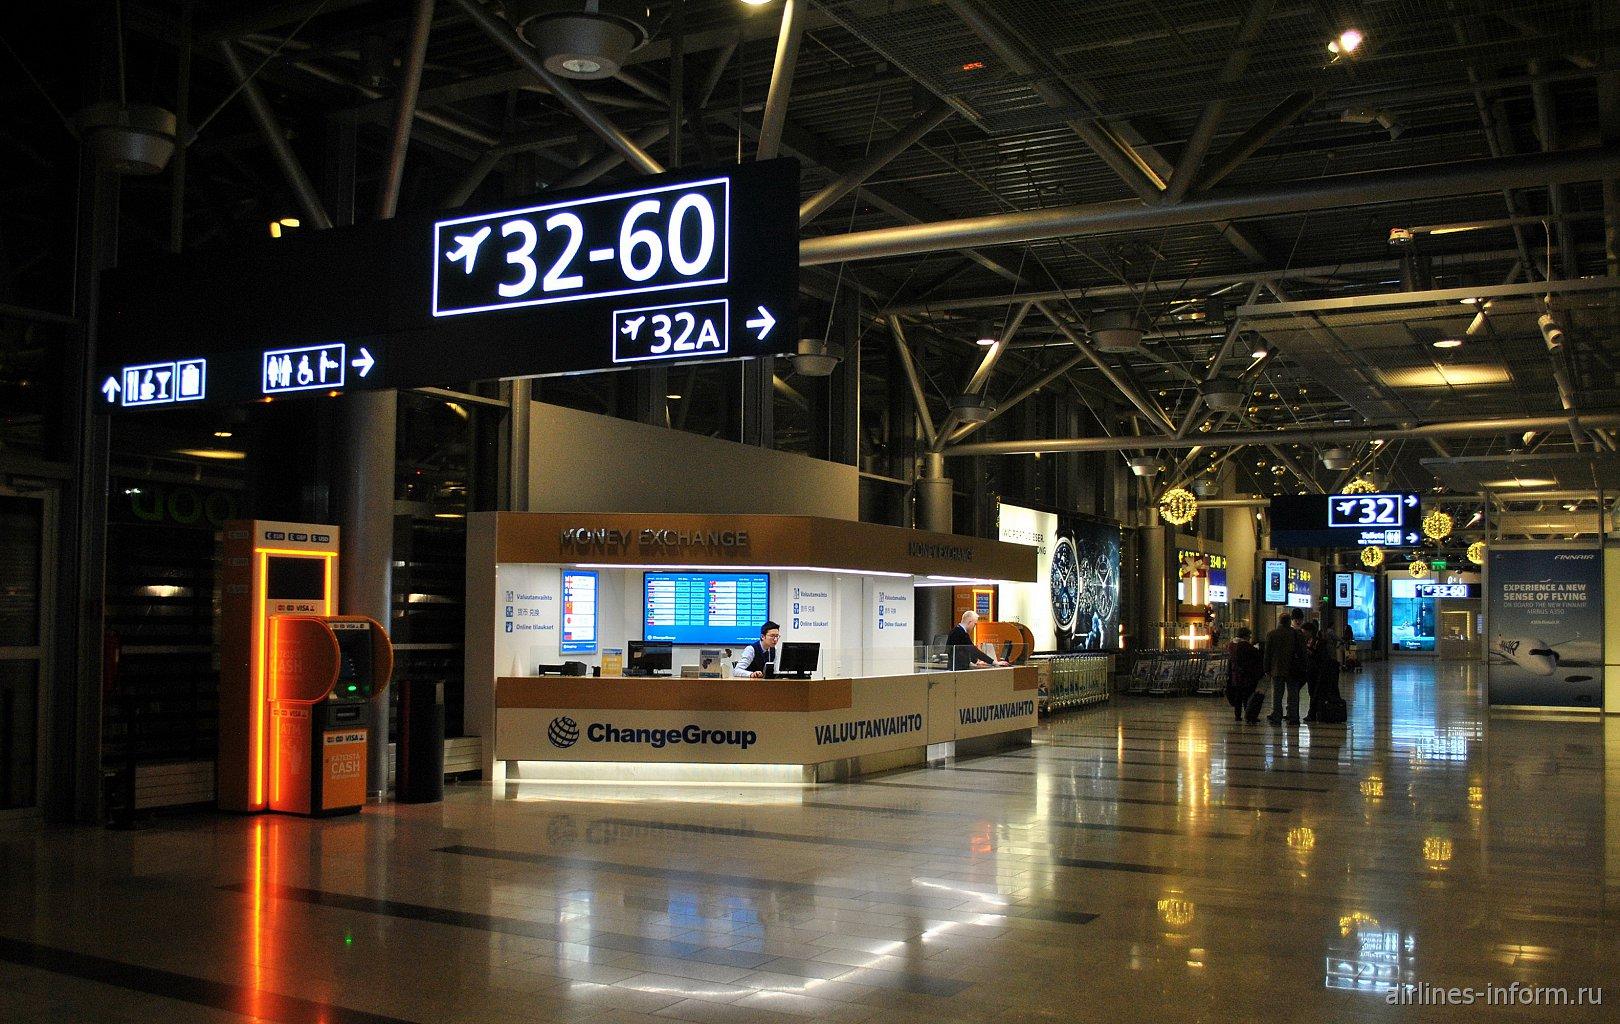 Зона вылета нешенгенских рейсов в терминале Т2 аэропорта Хельсинки Вантаа